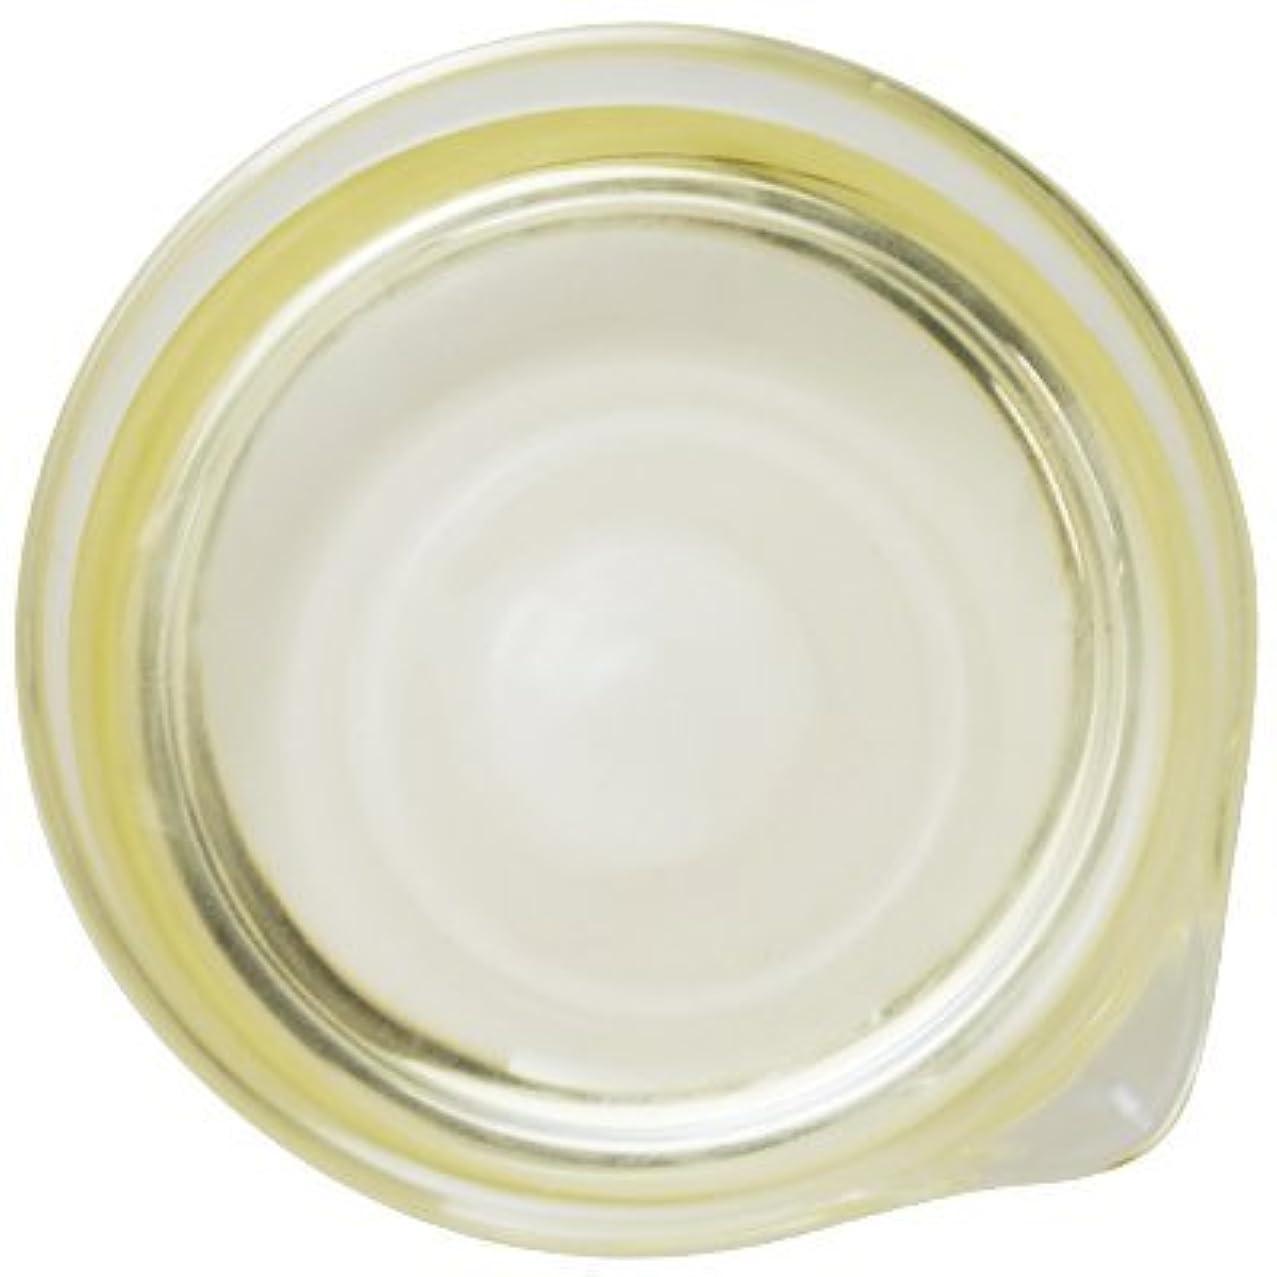 同化着るつまらないセサミオイル 500ml [白ごま油]【手作り石鹸/手作りコスメ/ごま油】【birth】